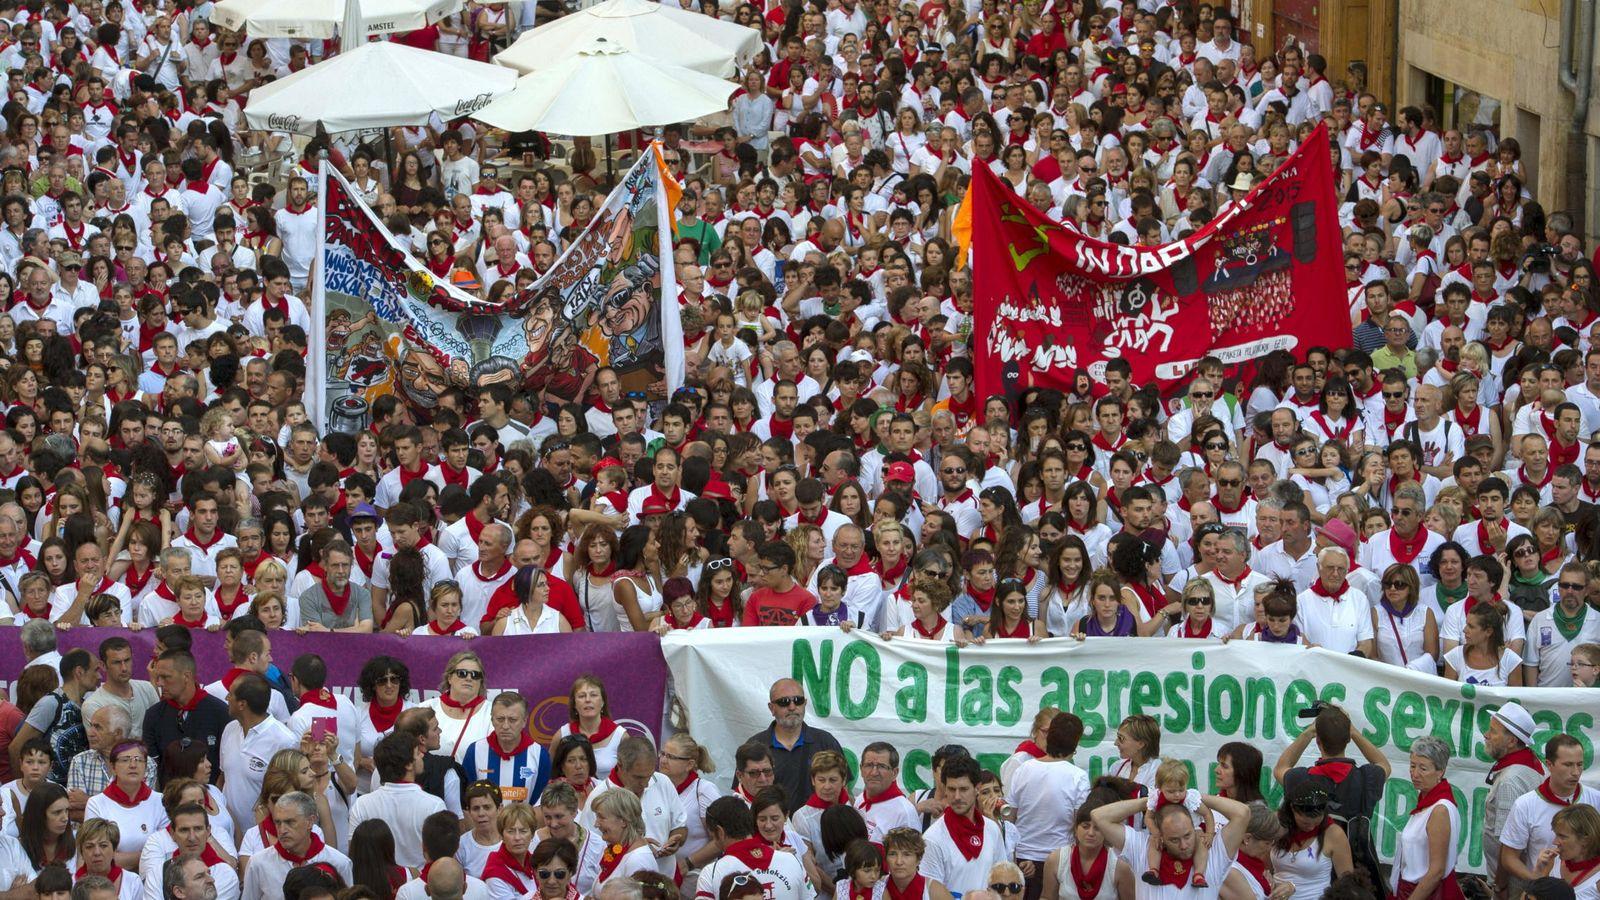 Foto: Cientos de personas hicieron un alto en las fiestas de San Fermín para mostrar su condena ante la agresión sexista a una joven de 19 años. (EFE)